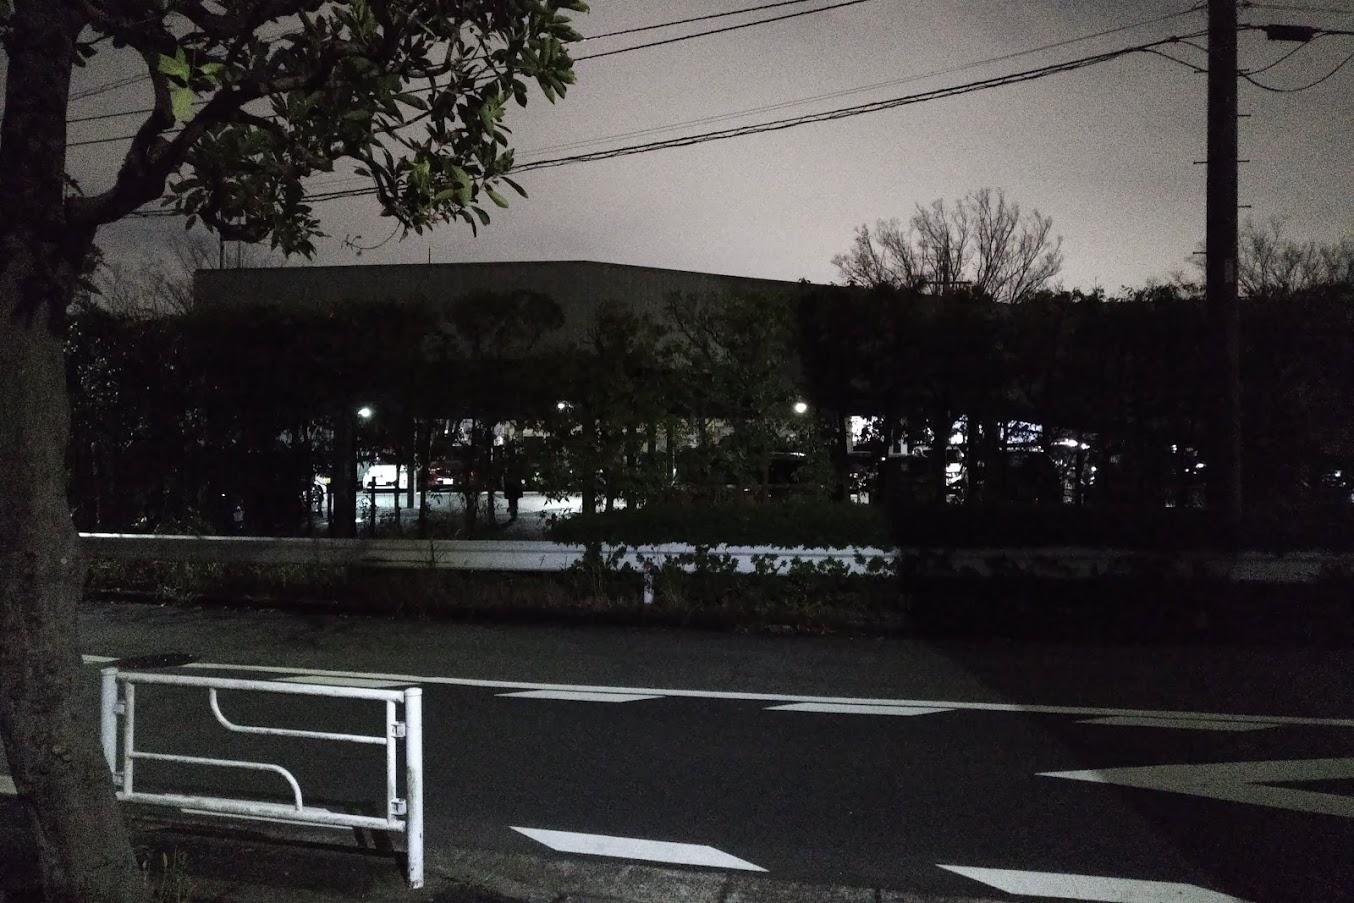 ニッパツ三ツ沢球技場